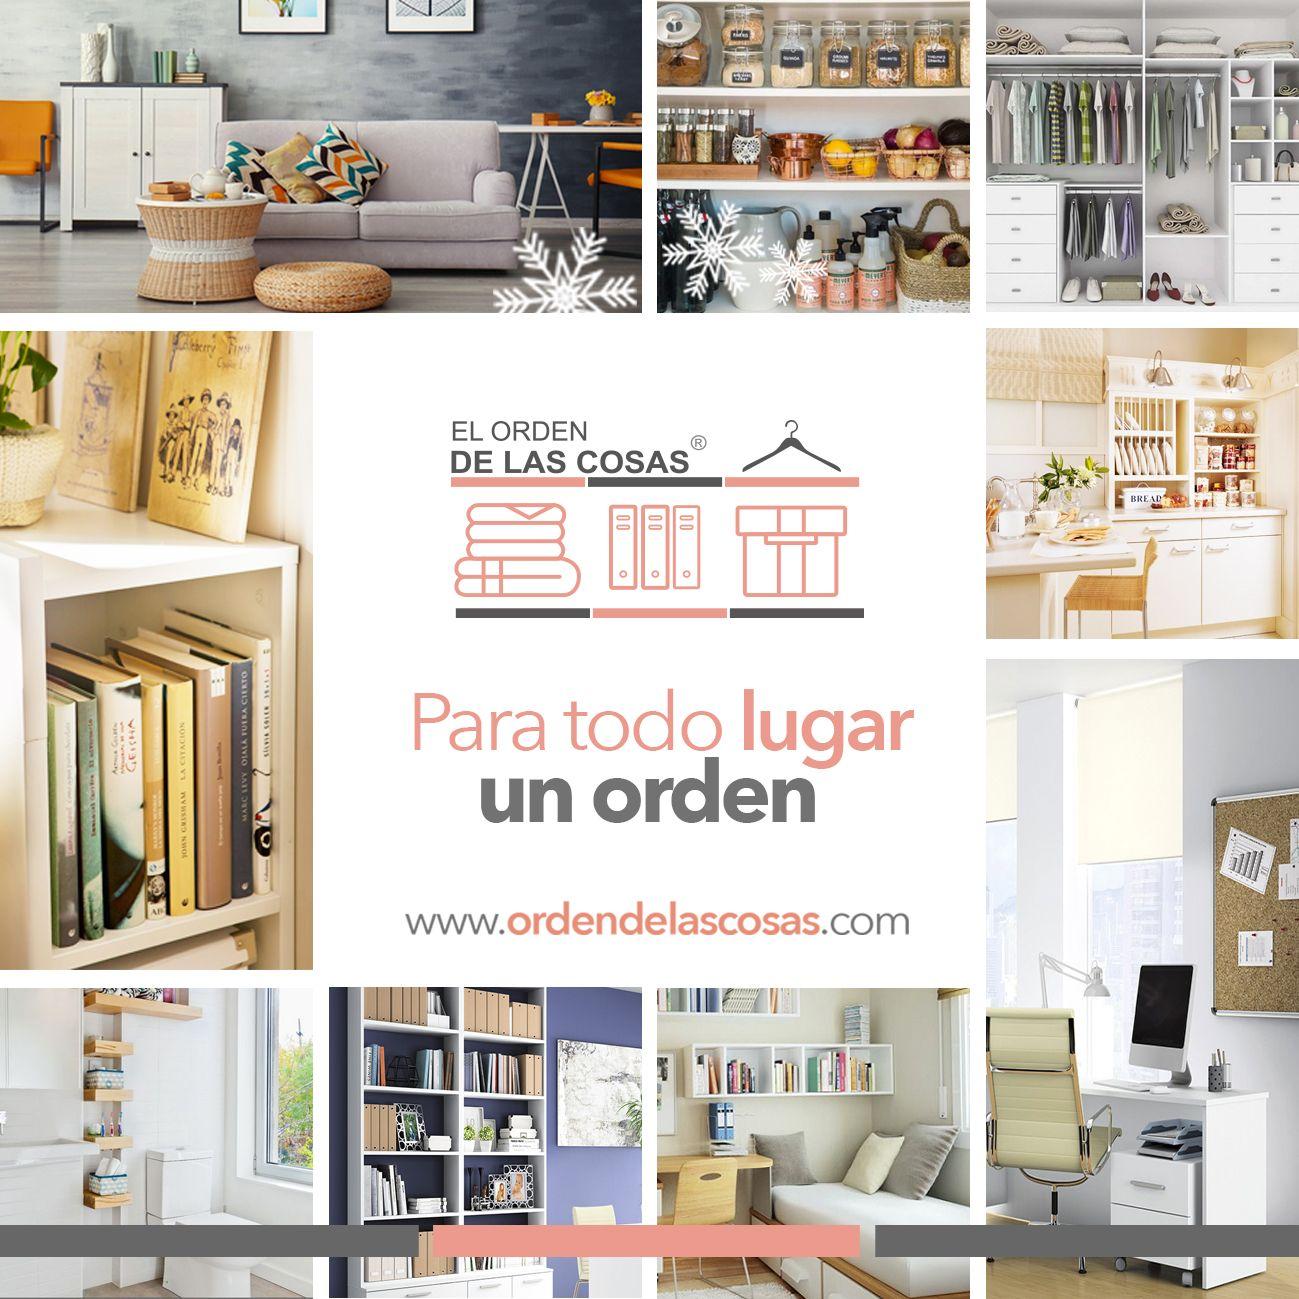 Lujoso Ikea Ee.uu. Planificador De Cocinas 3d Componente - Ideas de ...